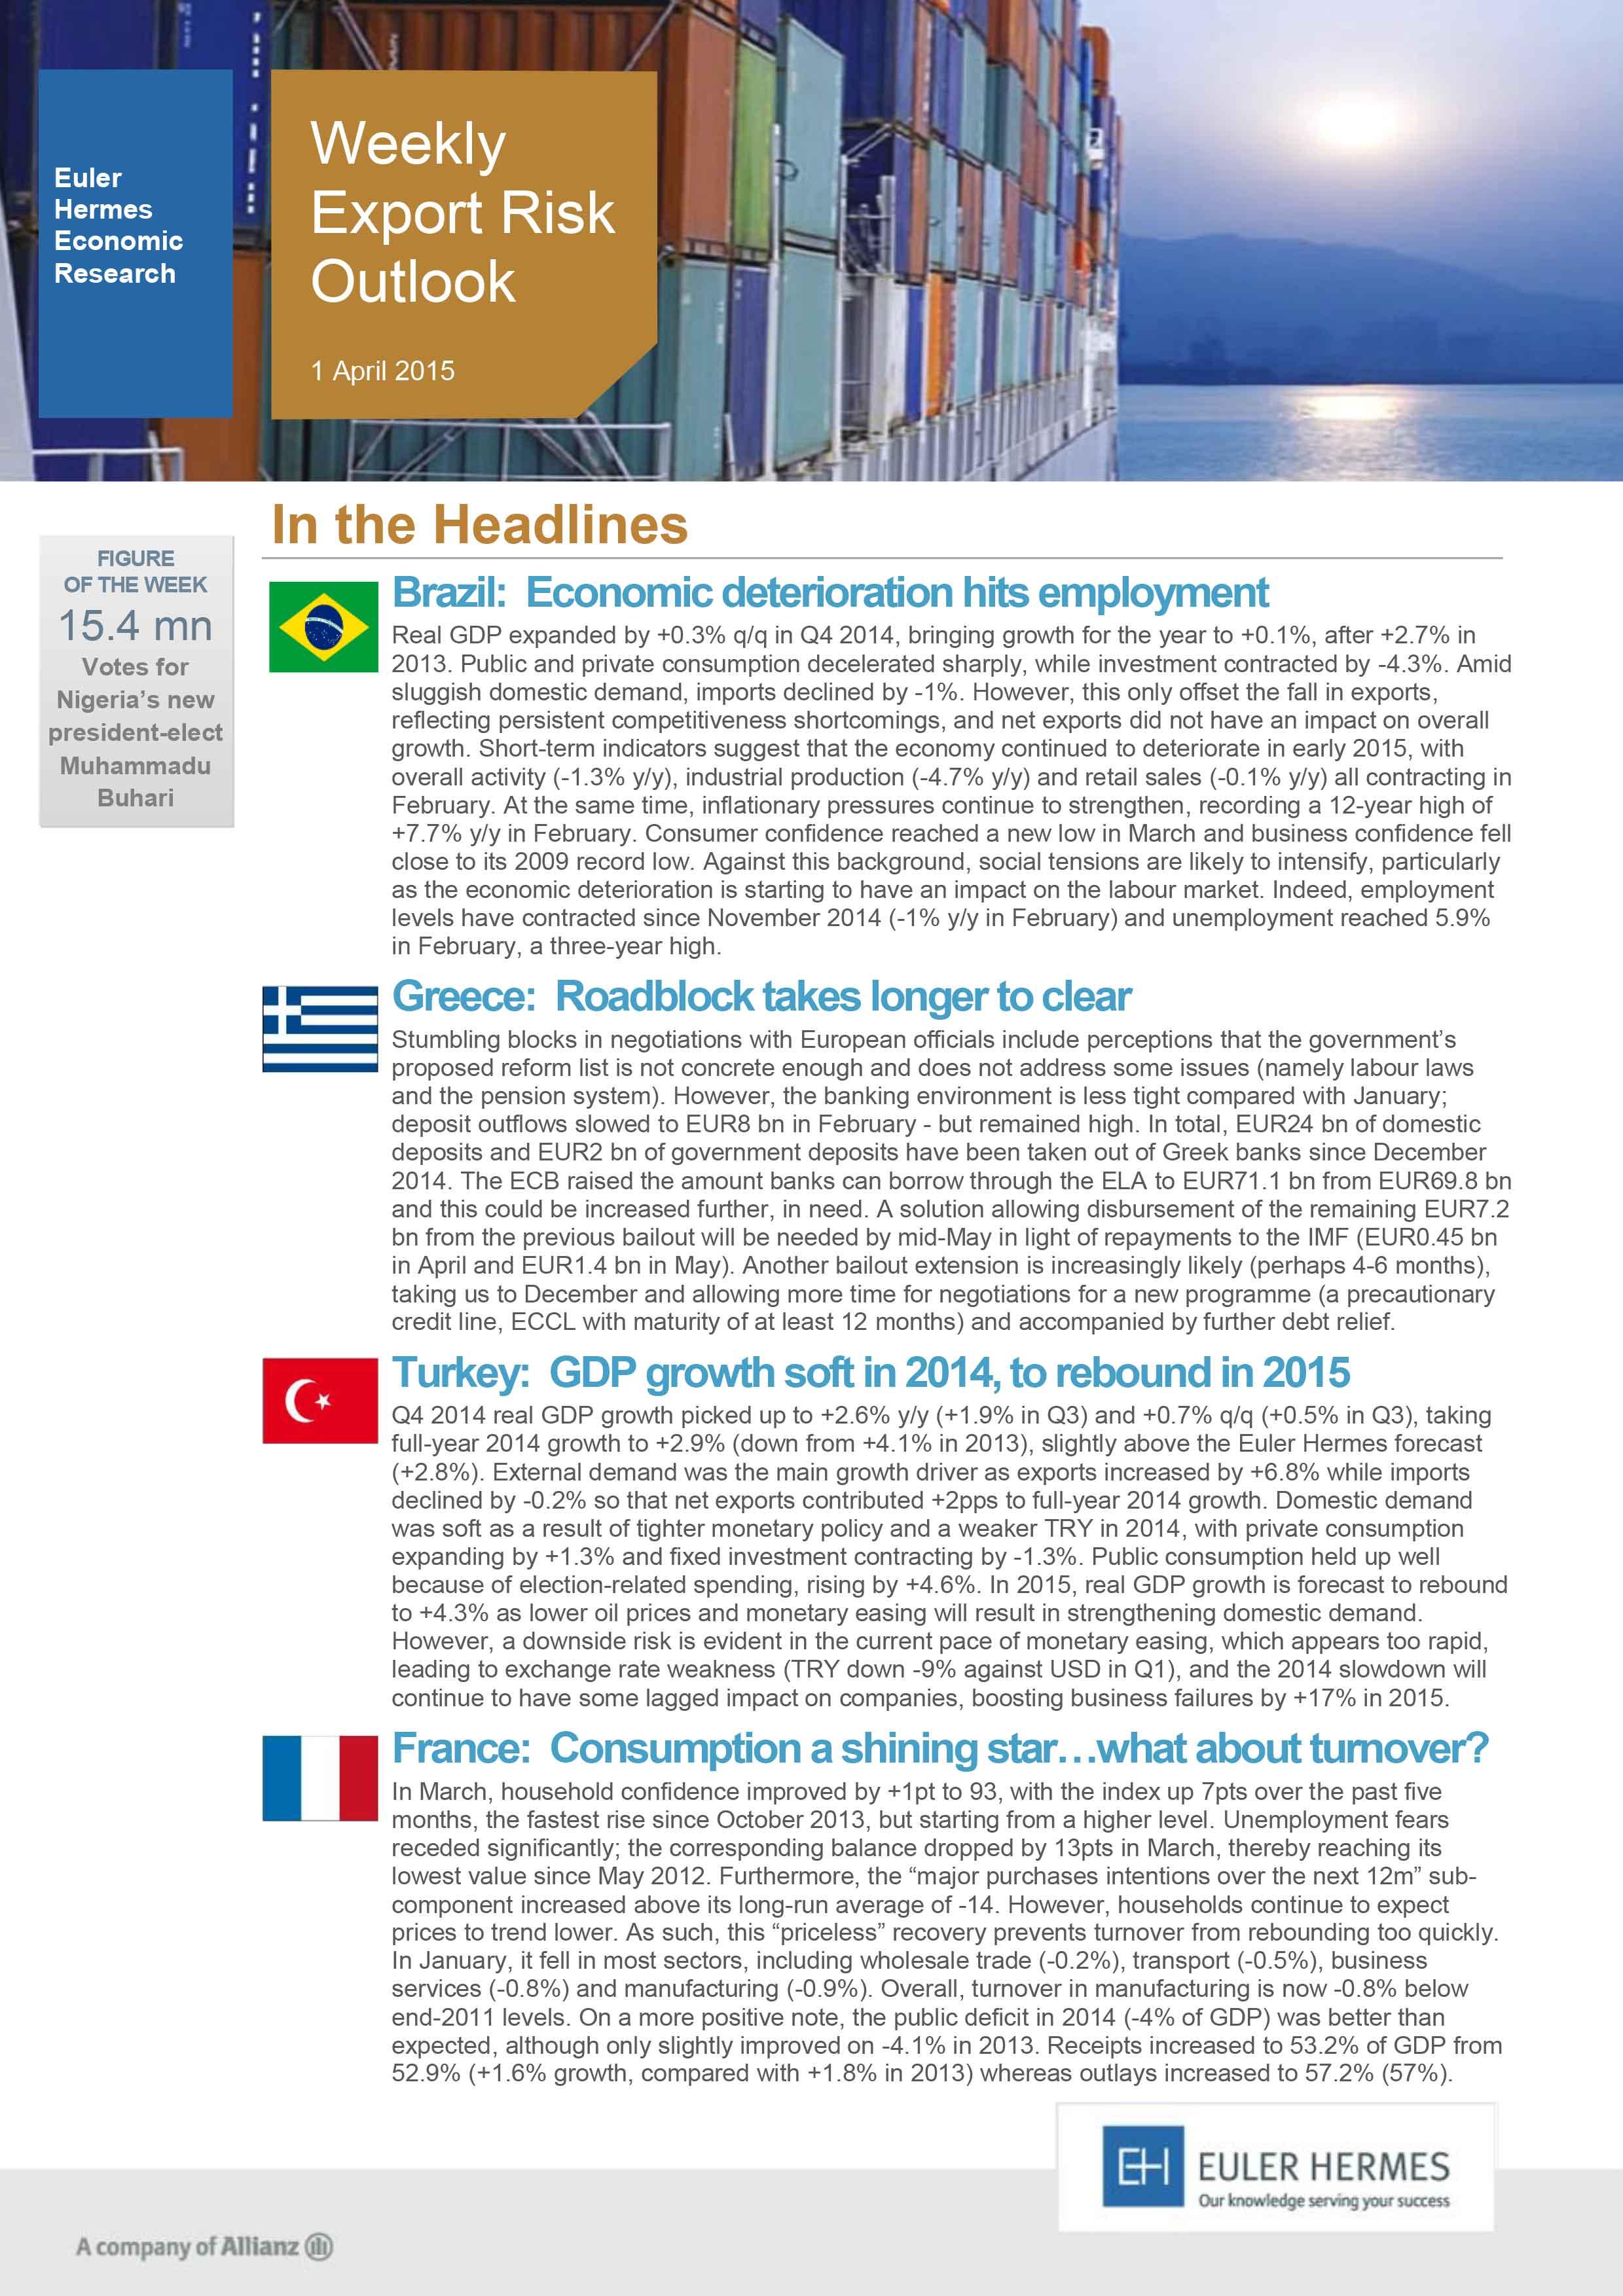 2015_04_01_Weekly_Export_Risk_Outlook-n13-1